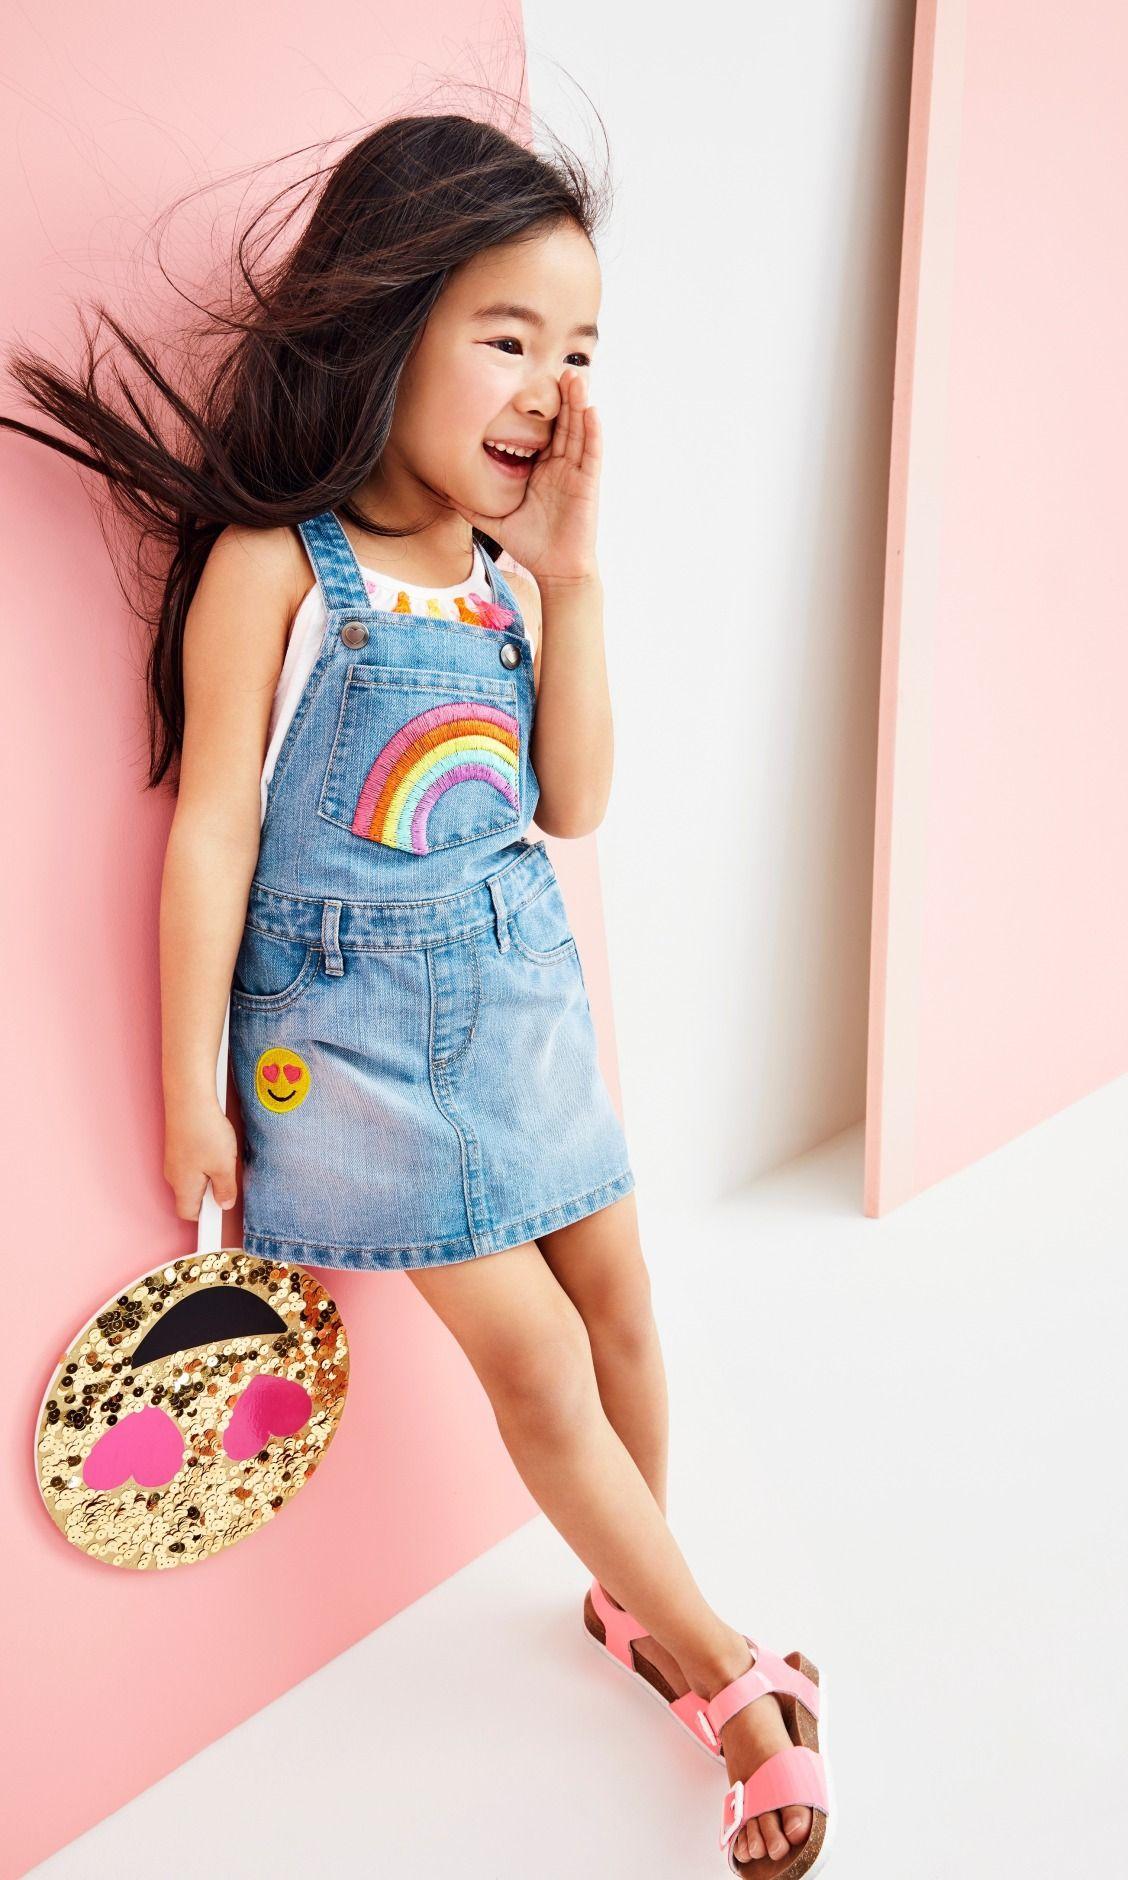 Pink dress emoji  Toddler girlsu fashion  Toddler girlsu clothes  Emoji patch